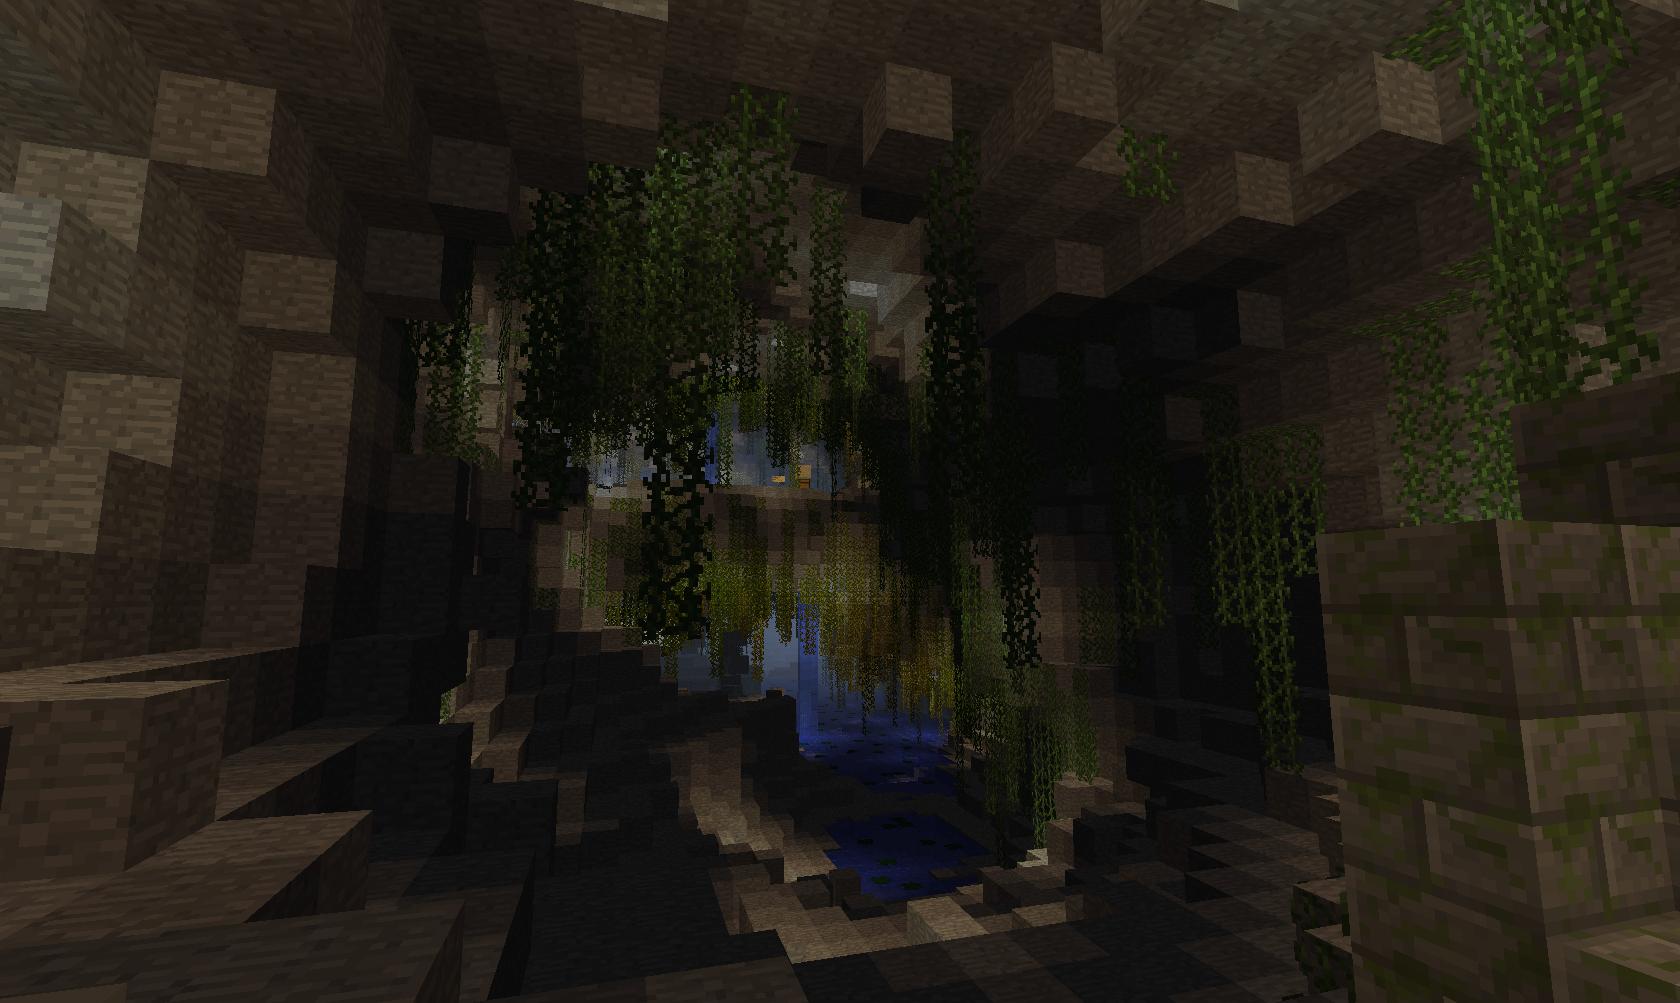 карты для майнкрафт прохождение в пещере #5